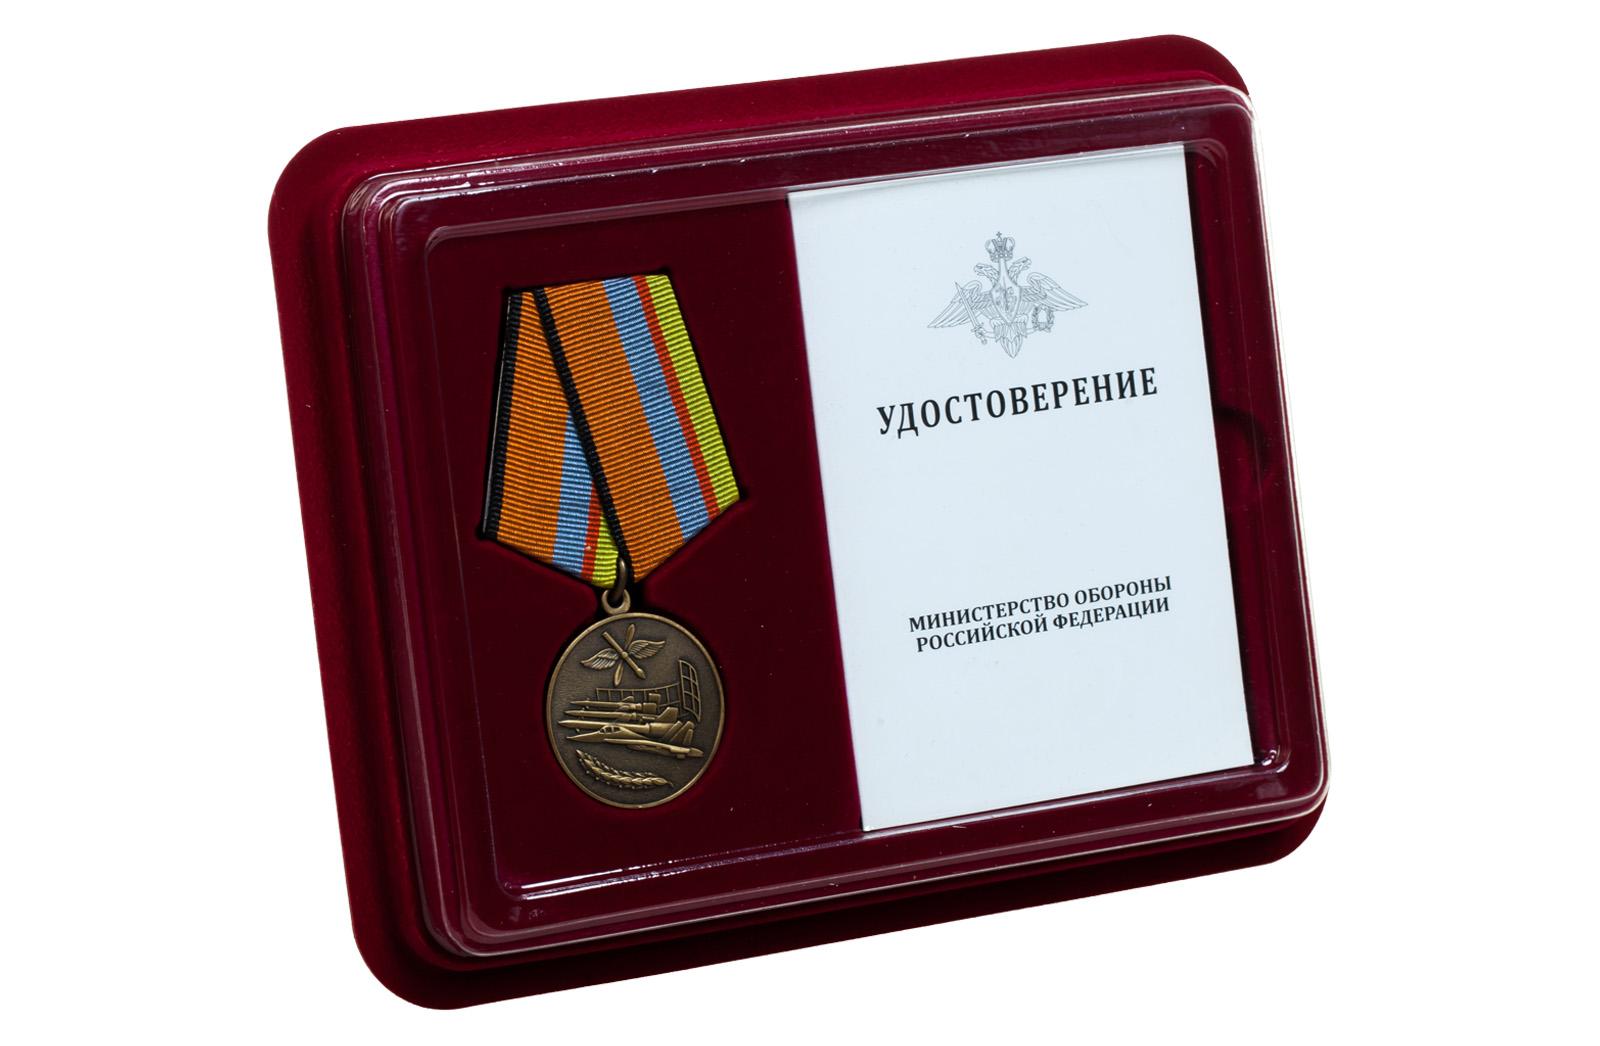 Купить медаль За службу в Военно-воздушных силах МО России выгодно с доставкой